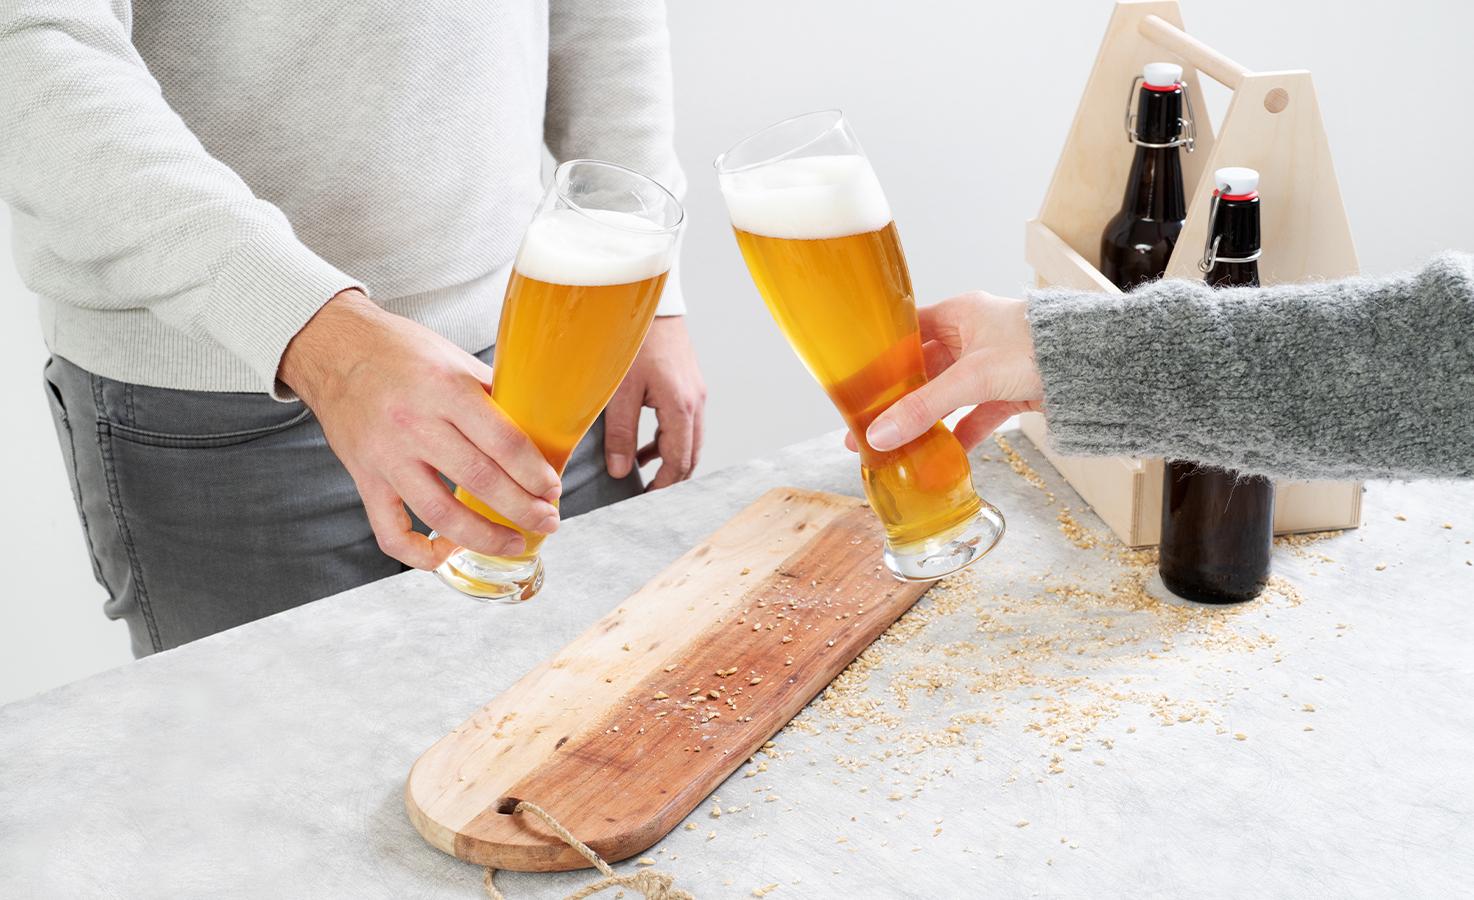 Bier-Braukasten Set